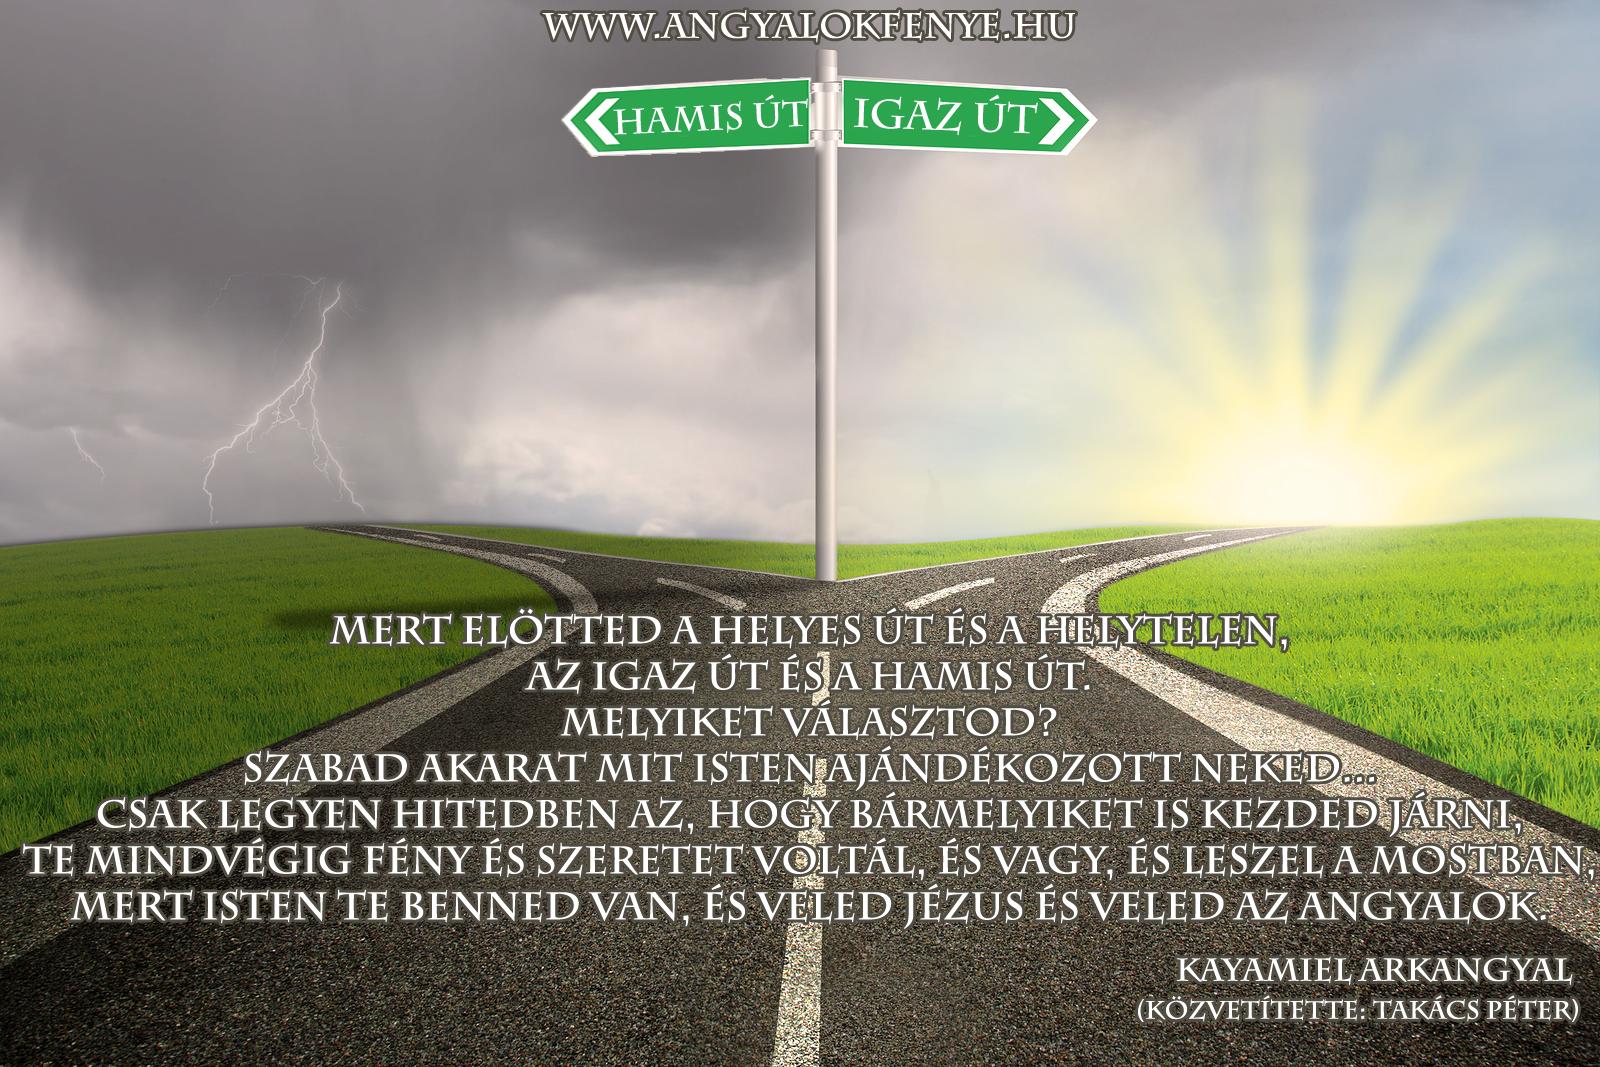 Kayamiel arkangyal-Igaz út-Hamis út